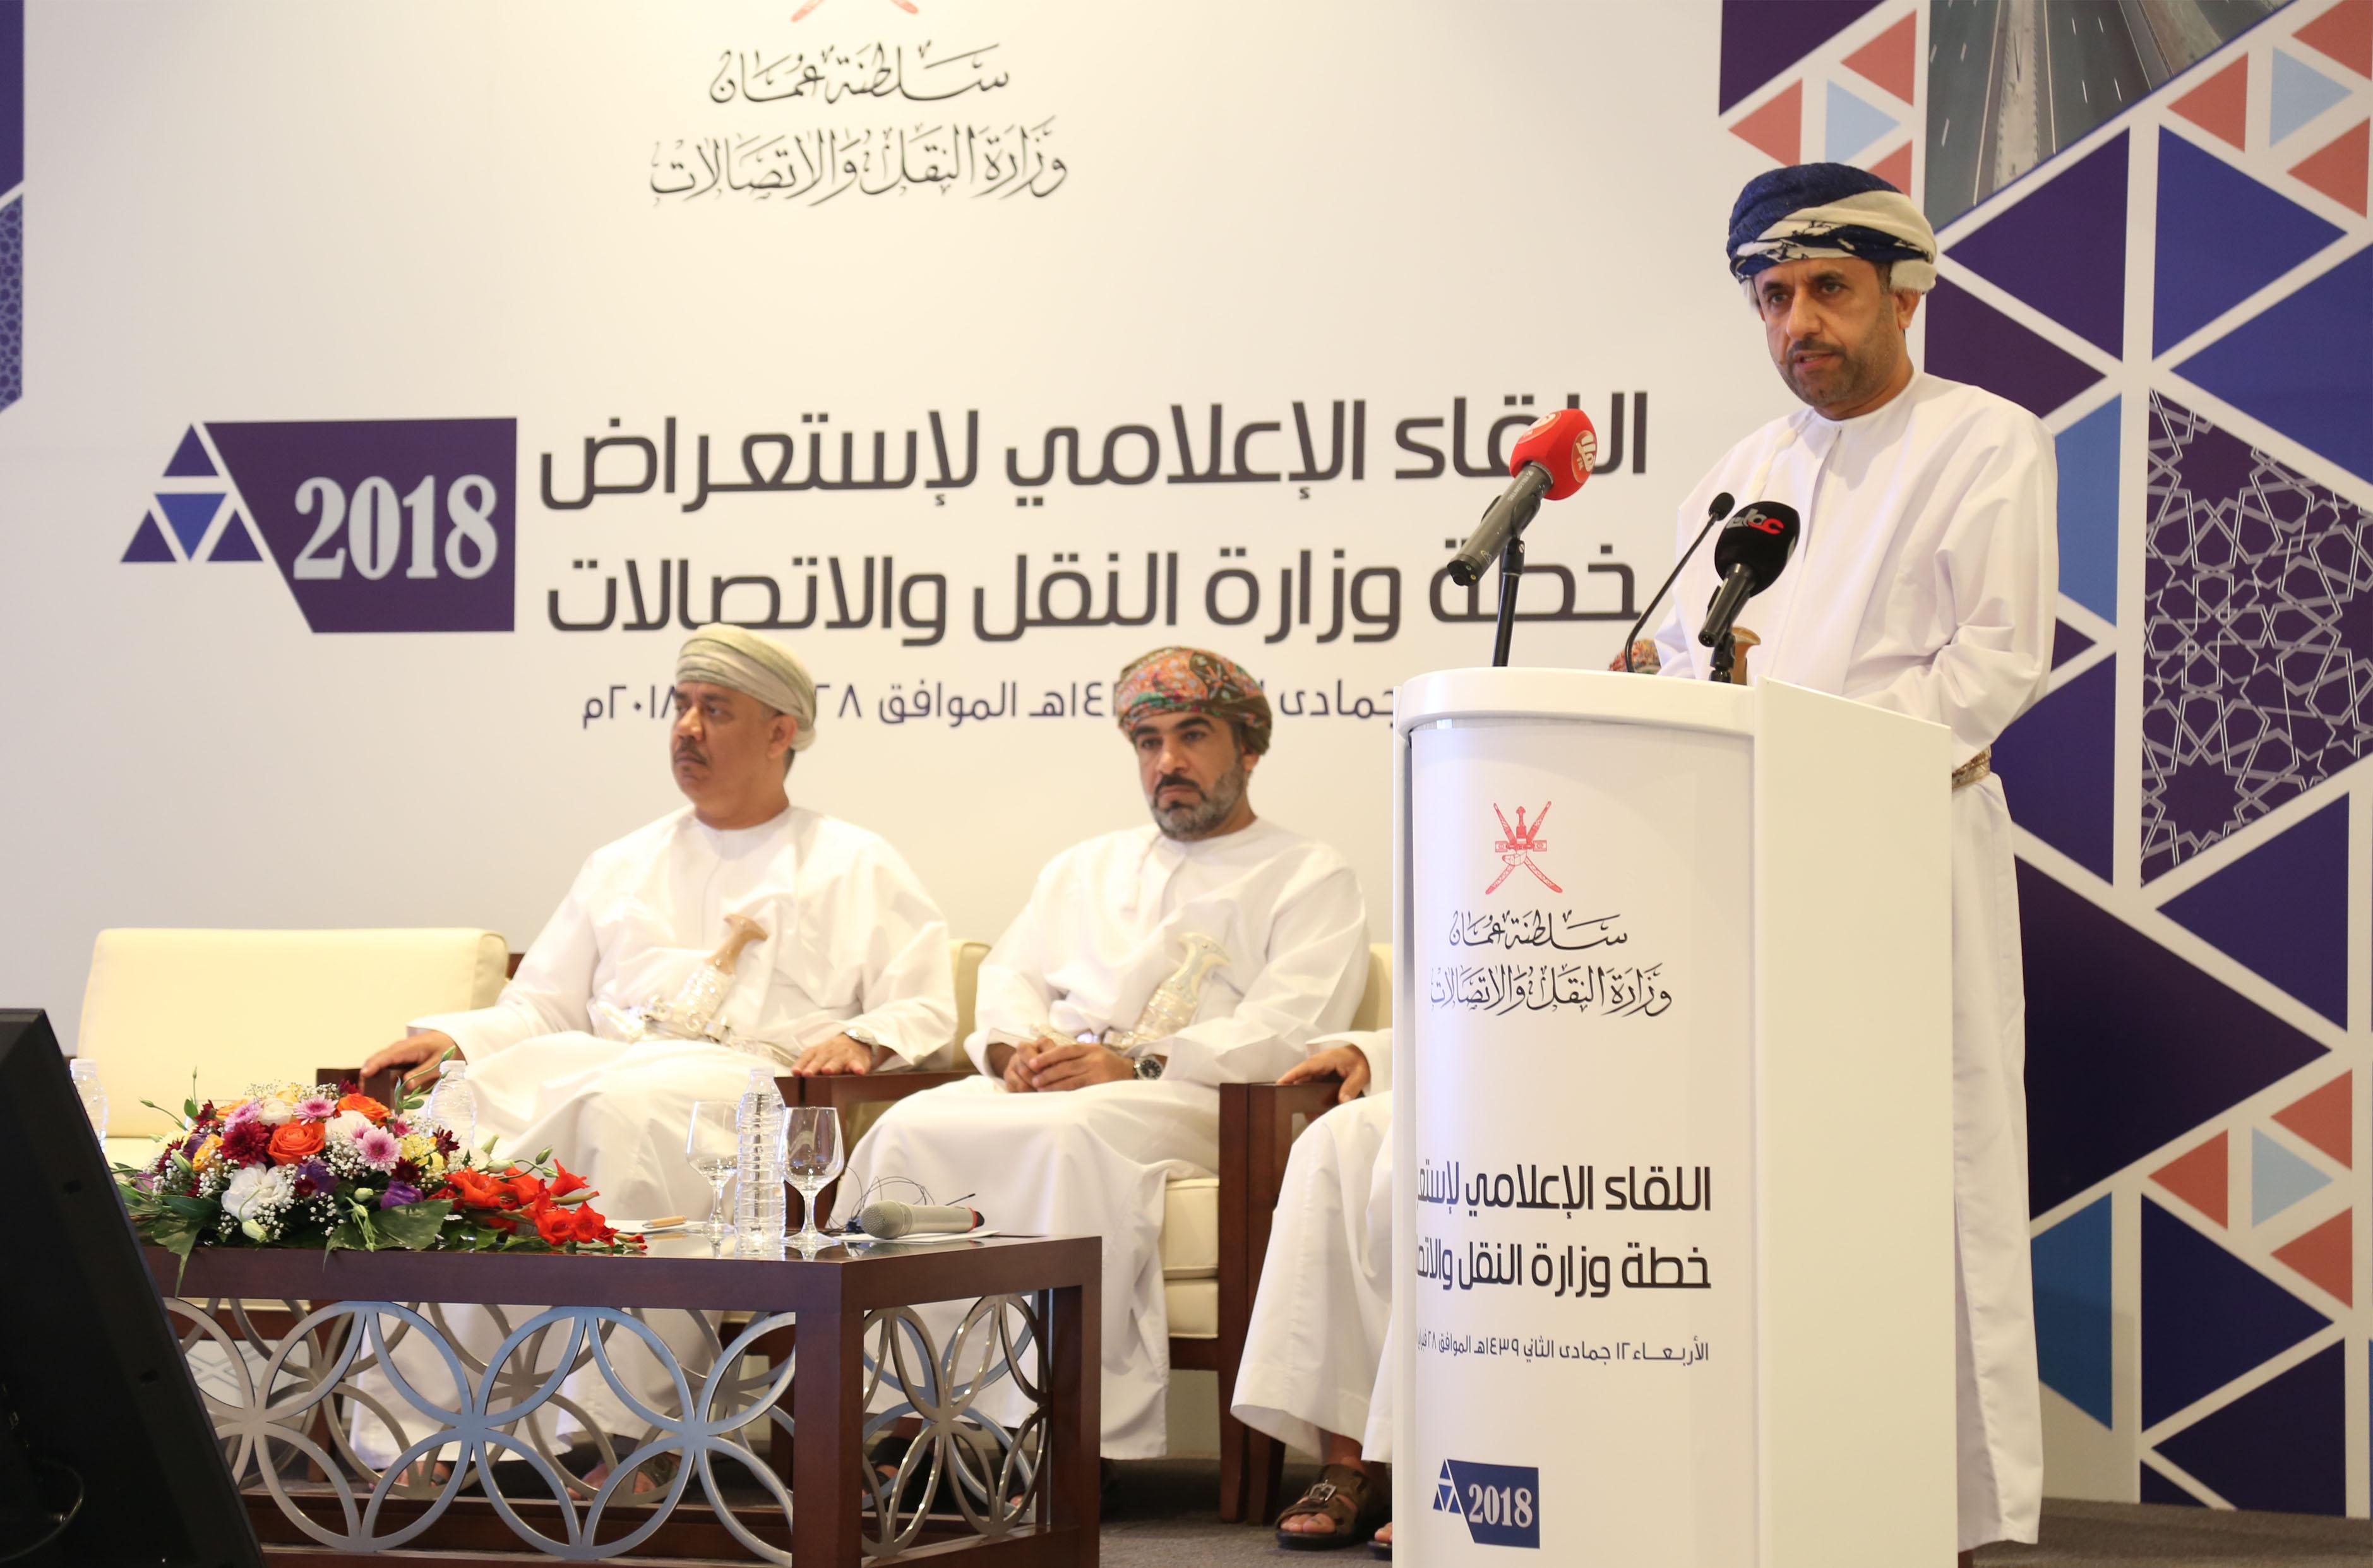 الهيئة العامة للطيران المدني تستعرض خططها لعام 2018 وإيرداتها بلغت 92 مليون ريال عماني خلال 2017